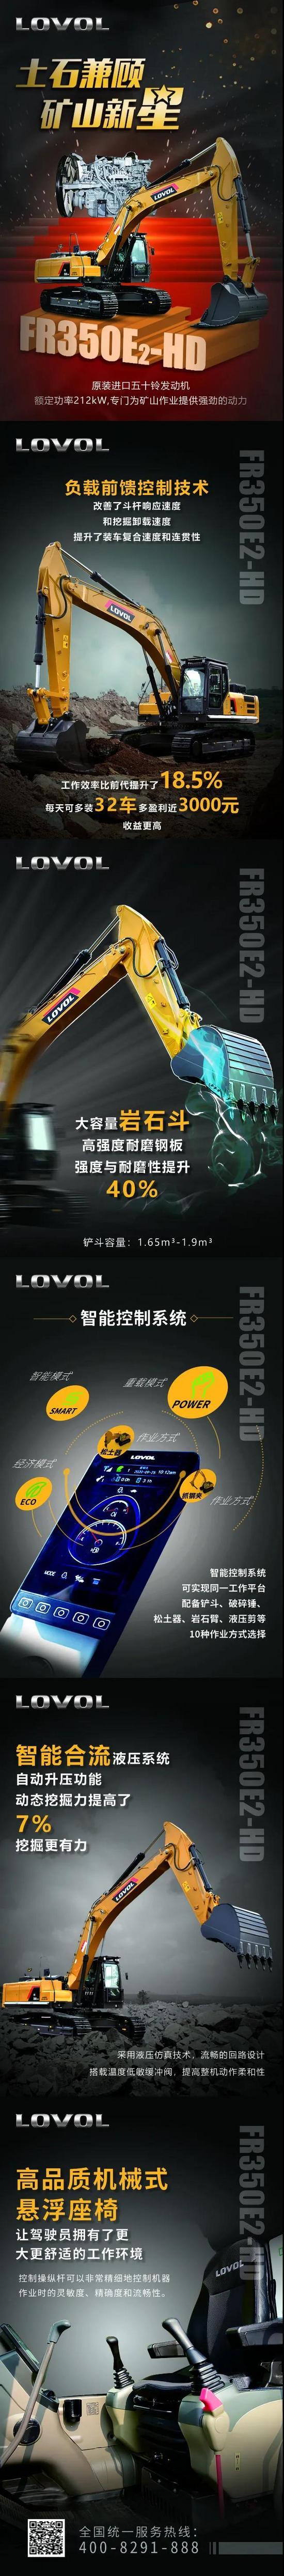 工程機械TOP50產品推薦之FR350E2-HD